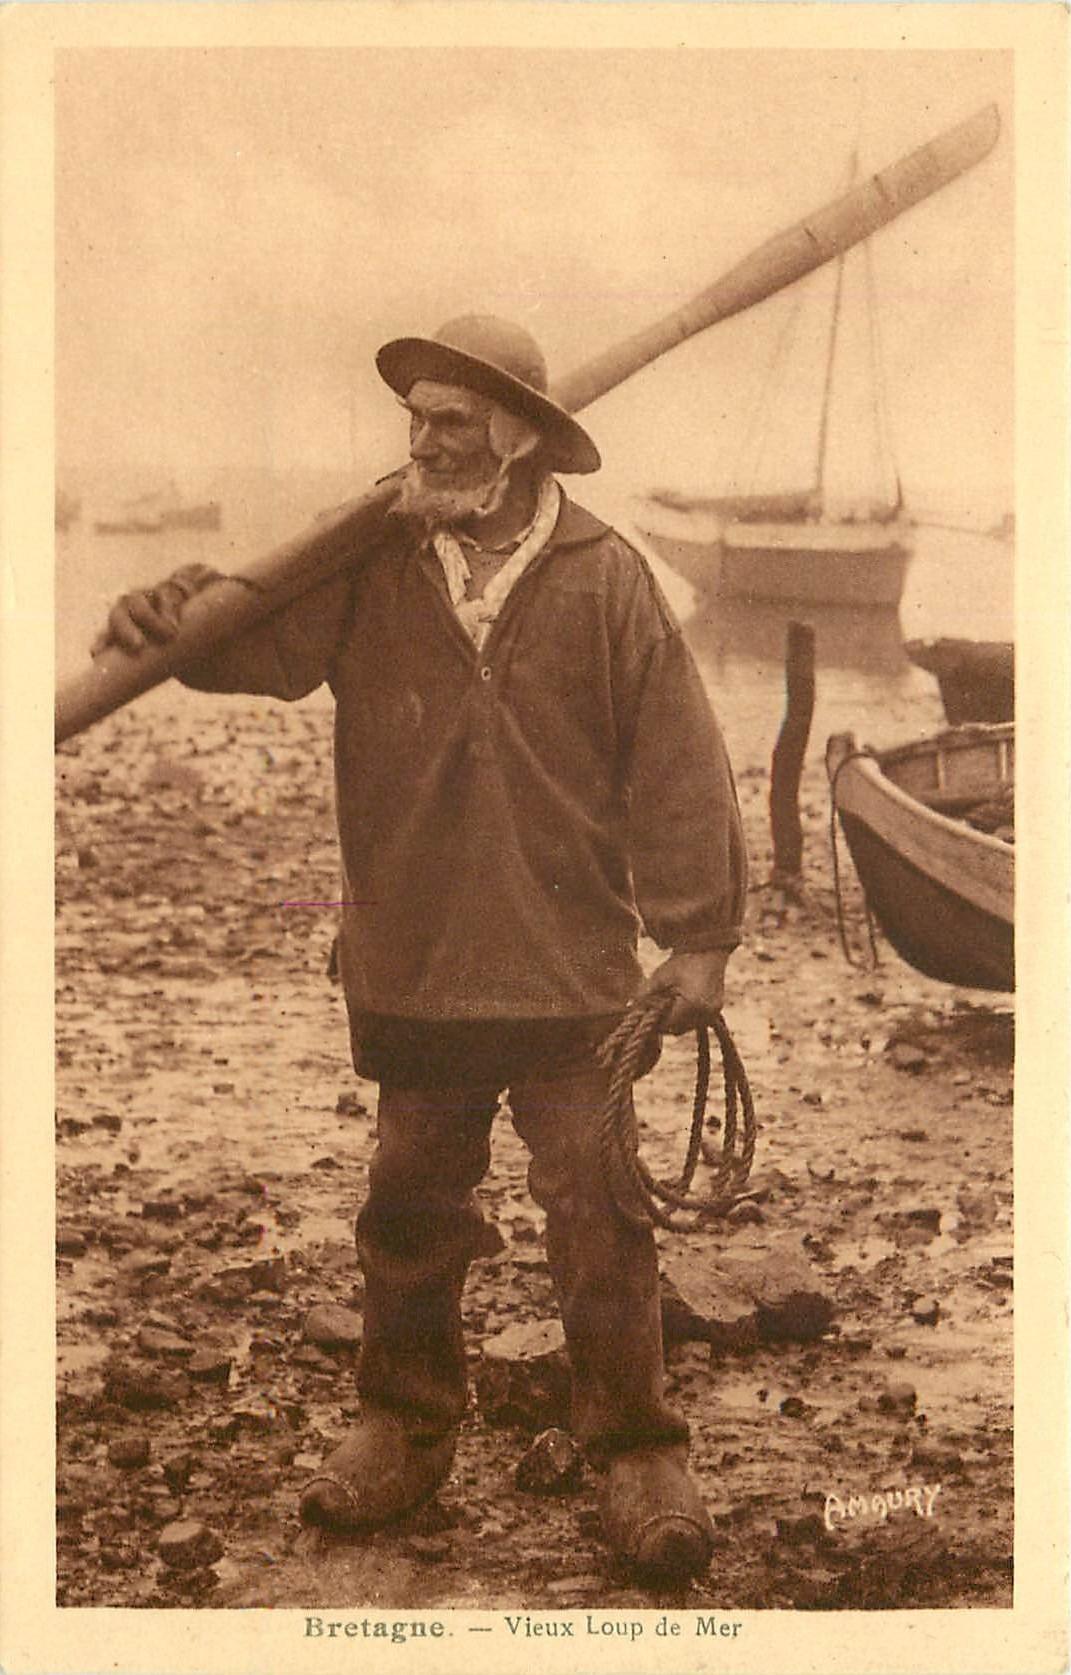 WW 29 BRETAGNE. Vieux Loup de Mer. Pêcheur et barques